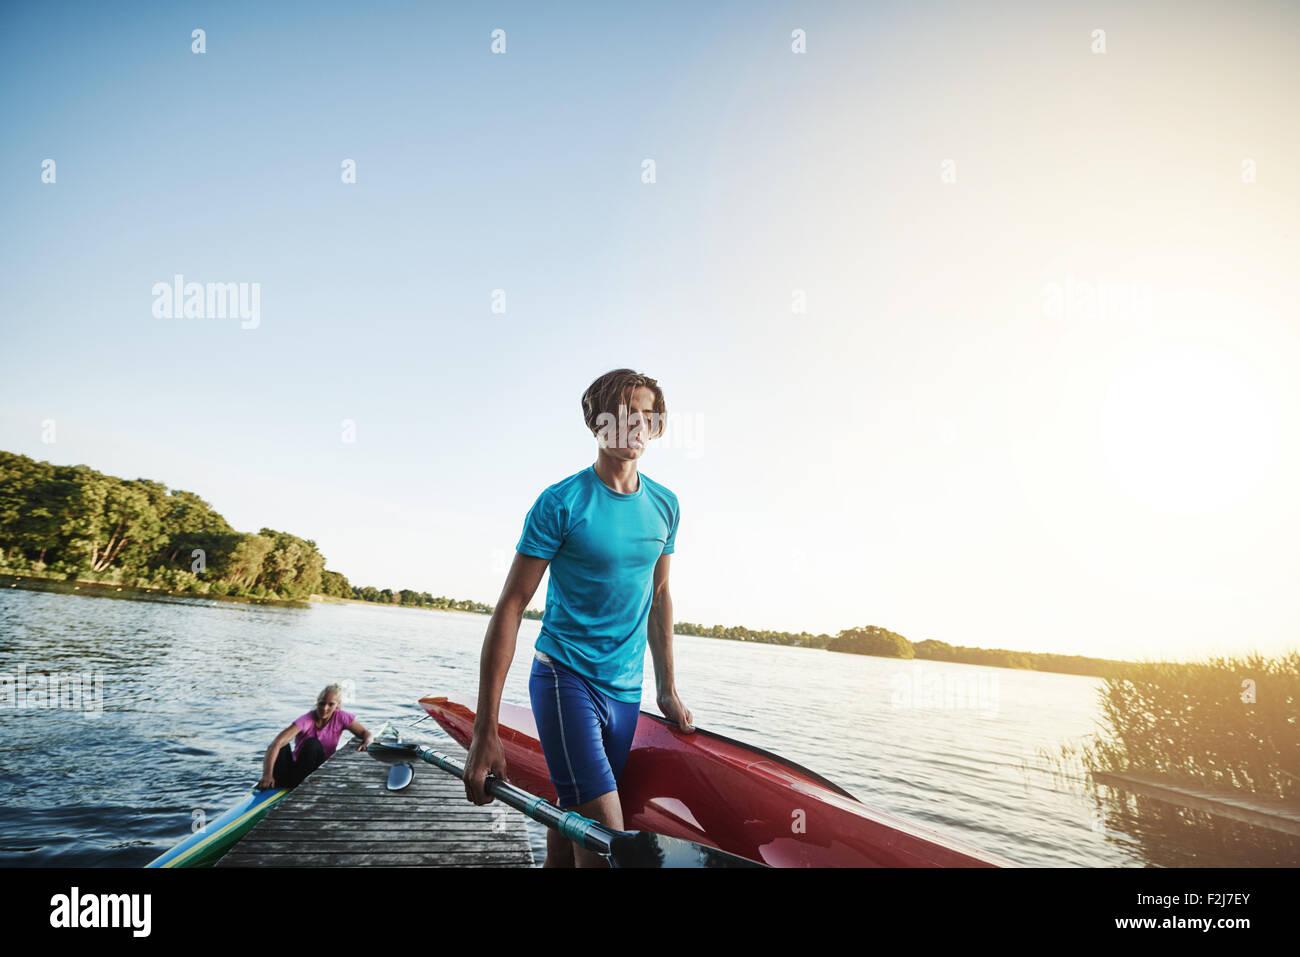 Jeune homme portant un kayak après être sorti de l'eau Banque D'Images